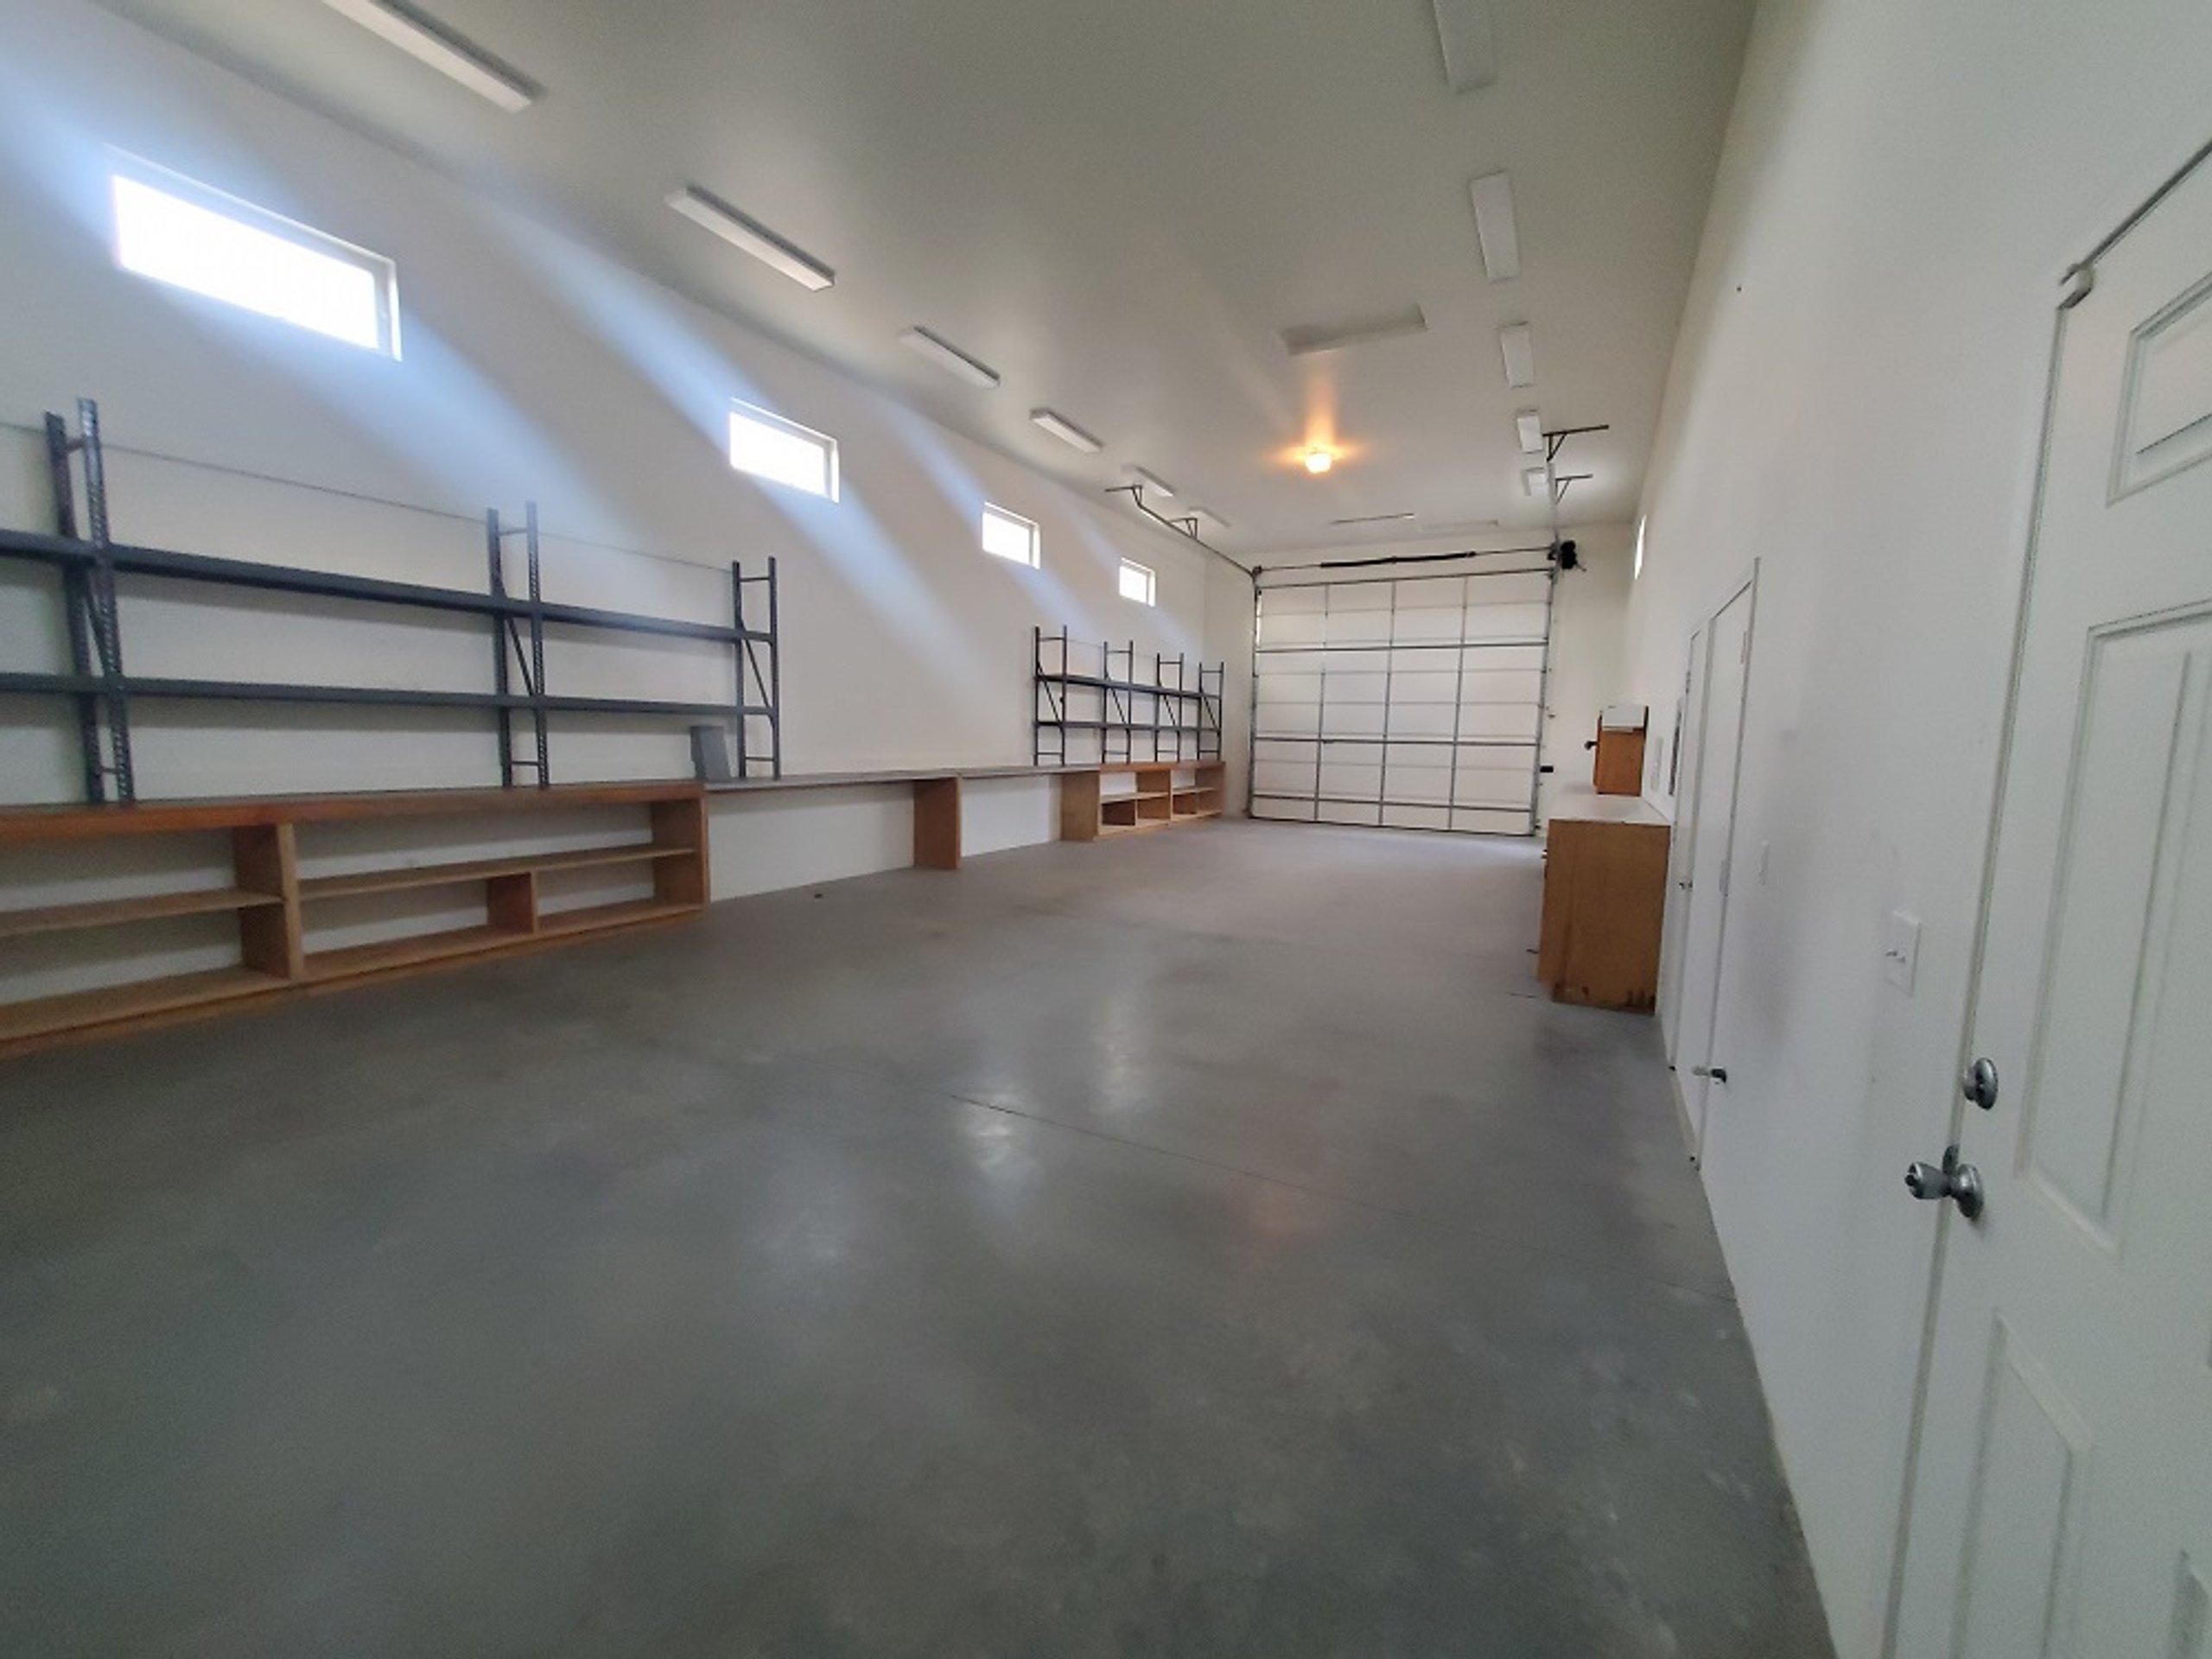 45x18 Garage self storage unit